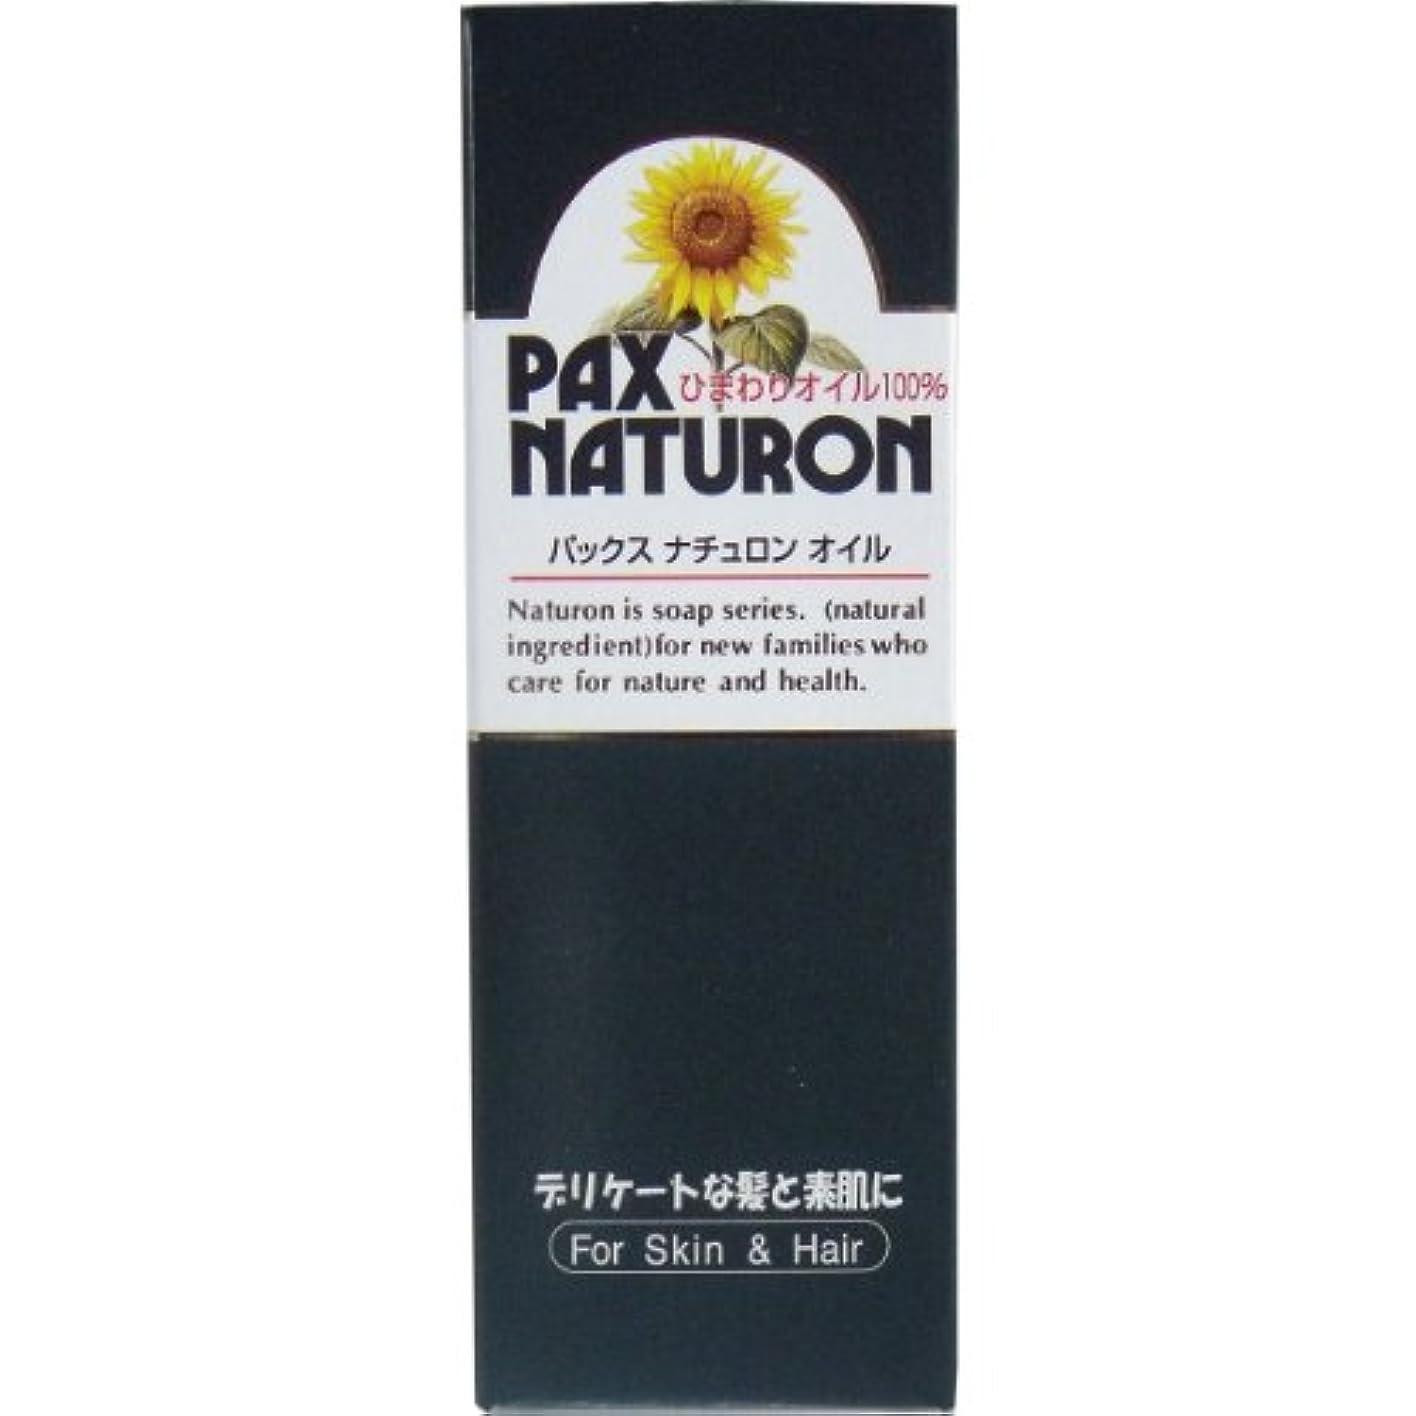 ネックレス理容師参照パックス ナチュロン オイル 60ML【2個セット】